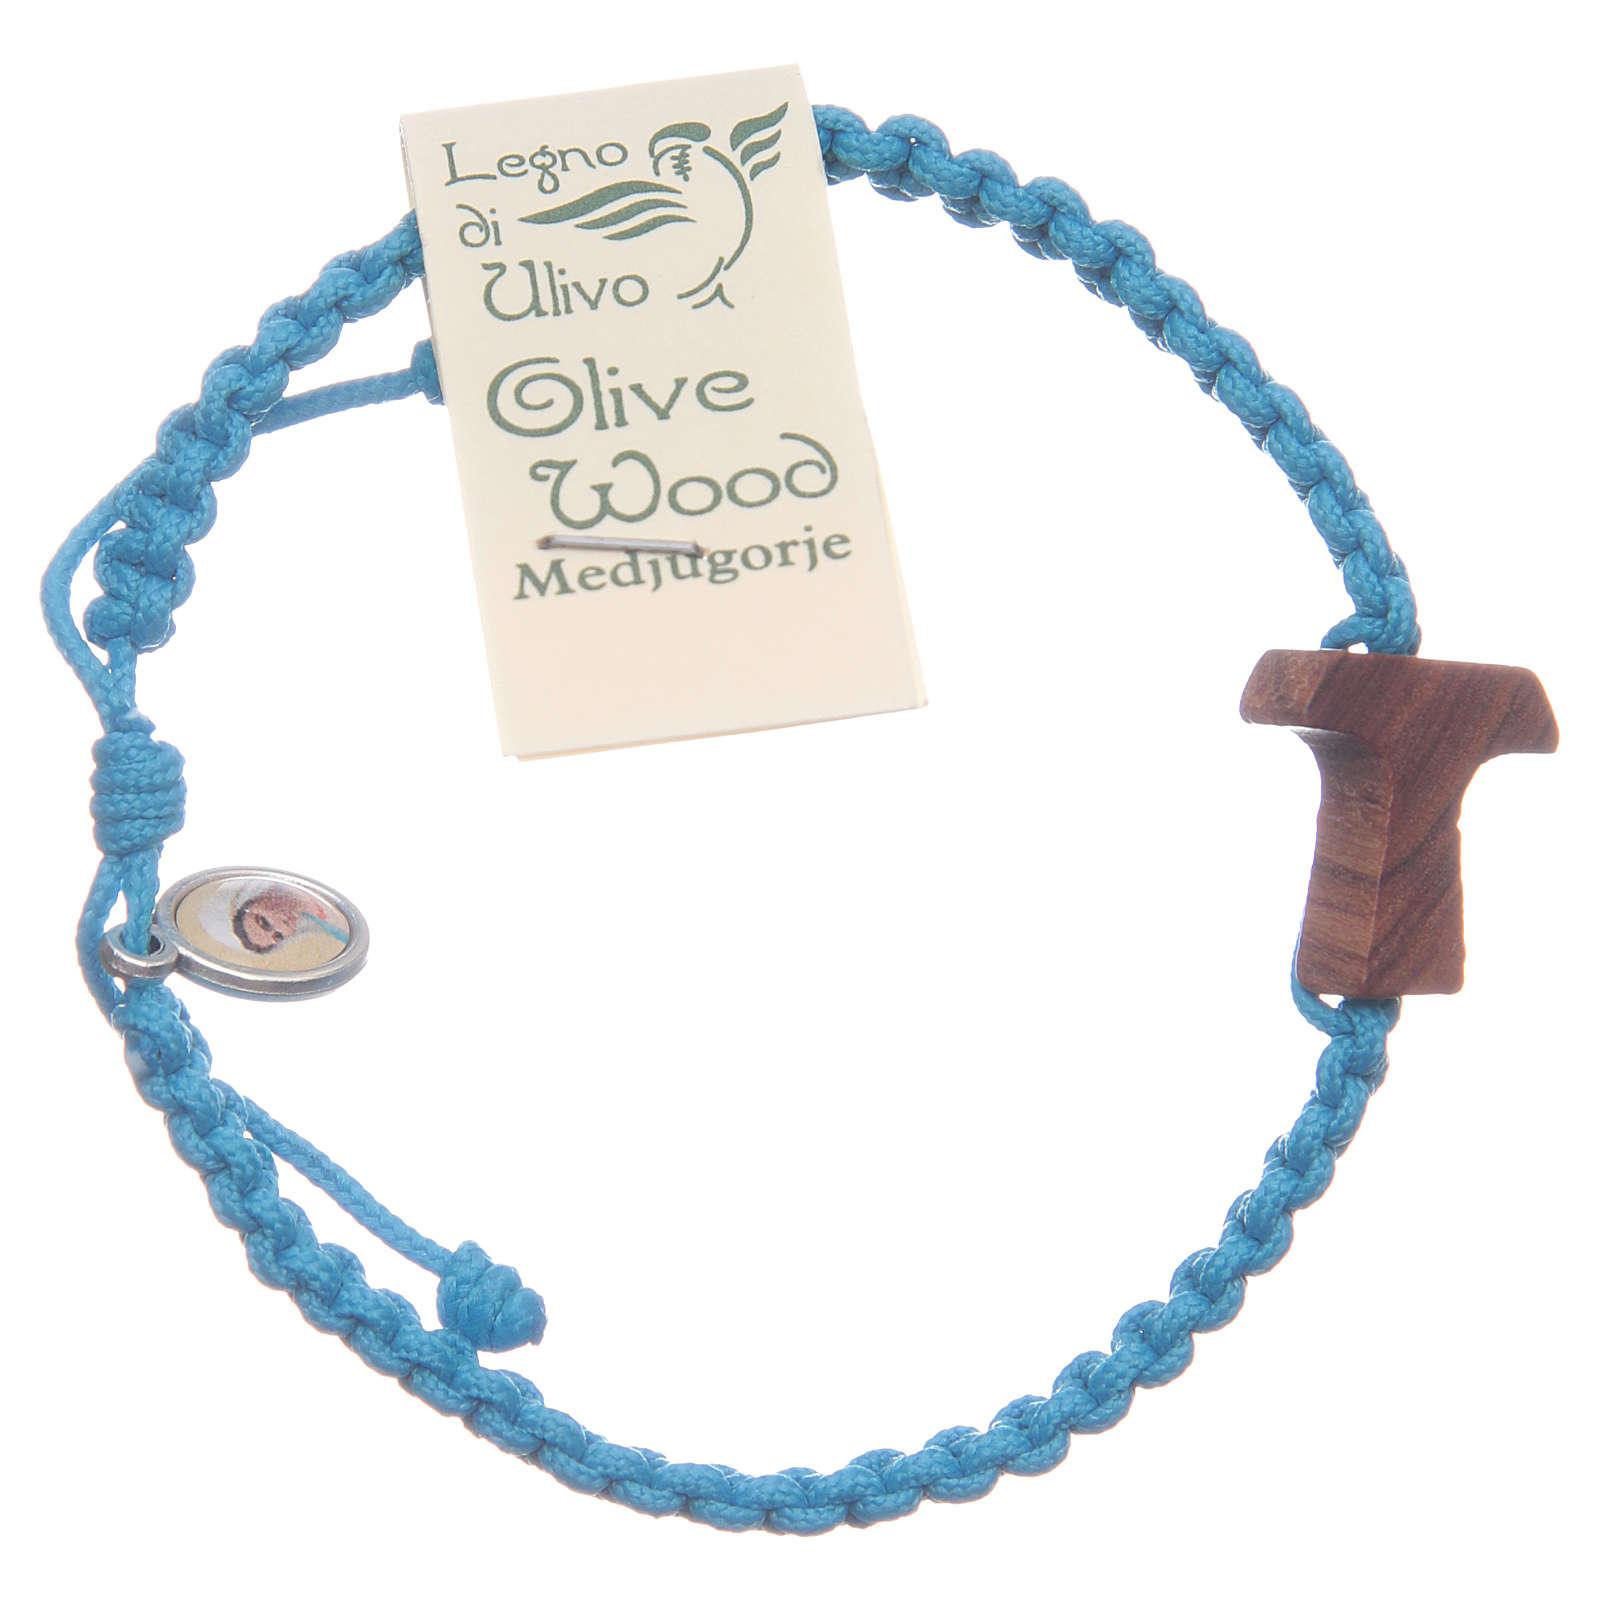 Bracciale corda Medjugorje croce ulivo corda azzurra 4